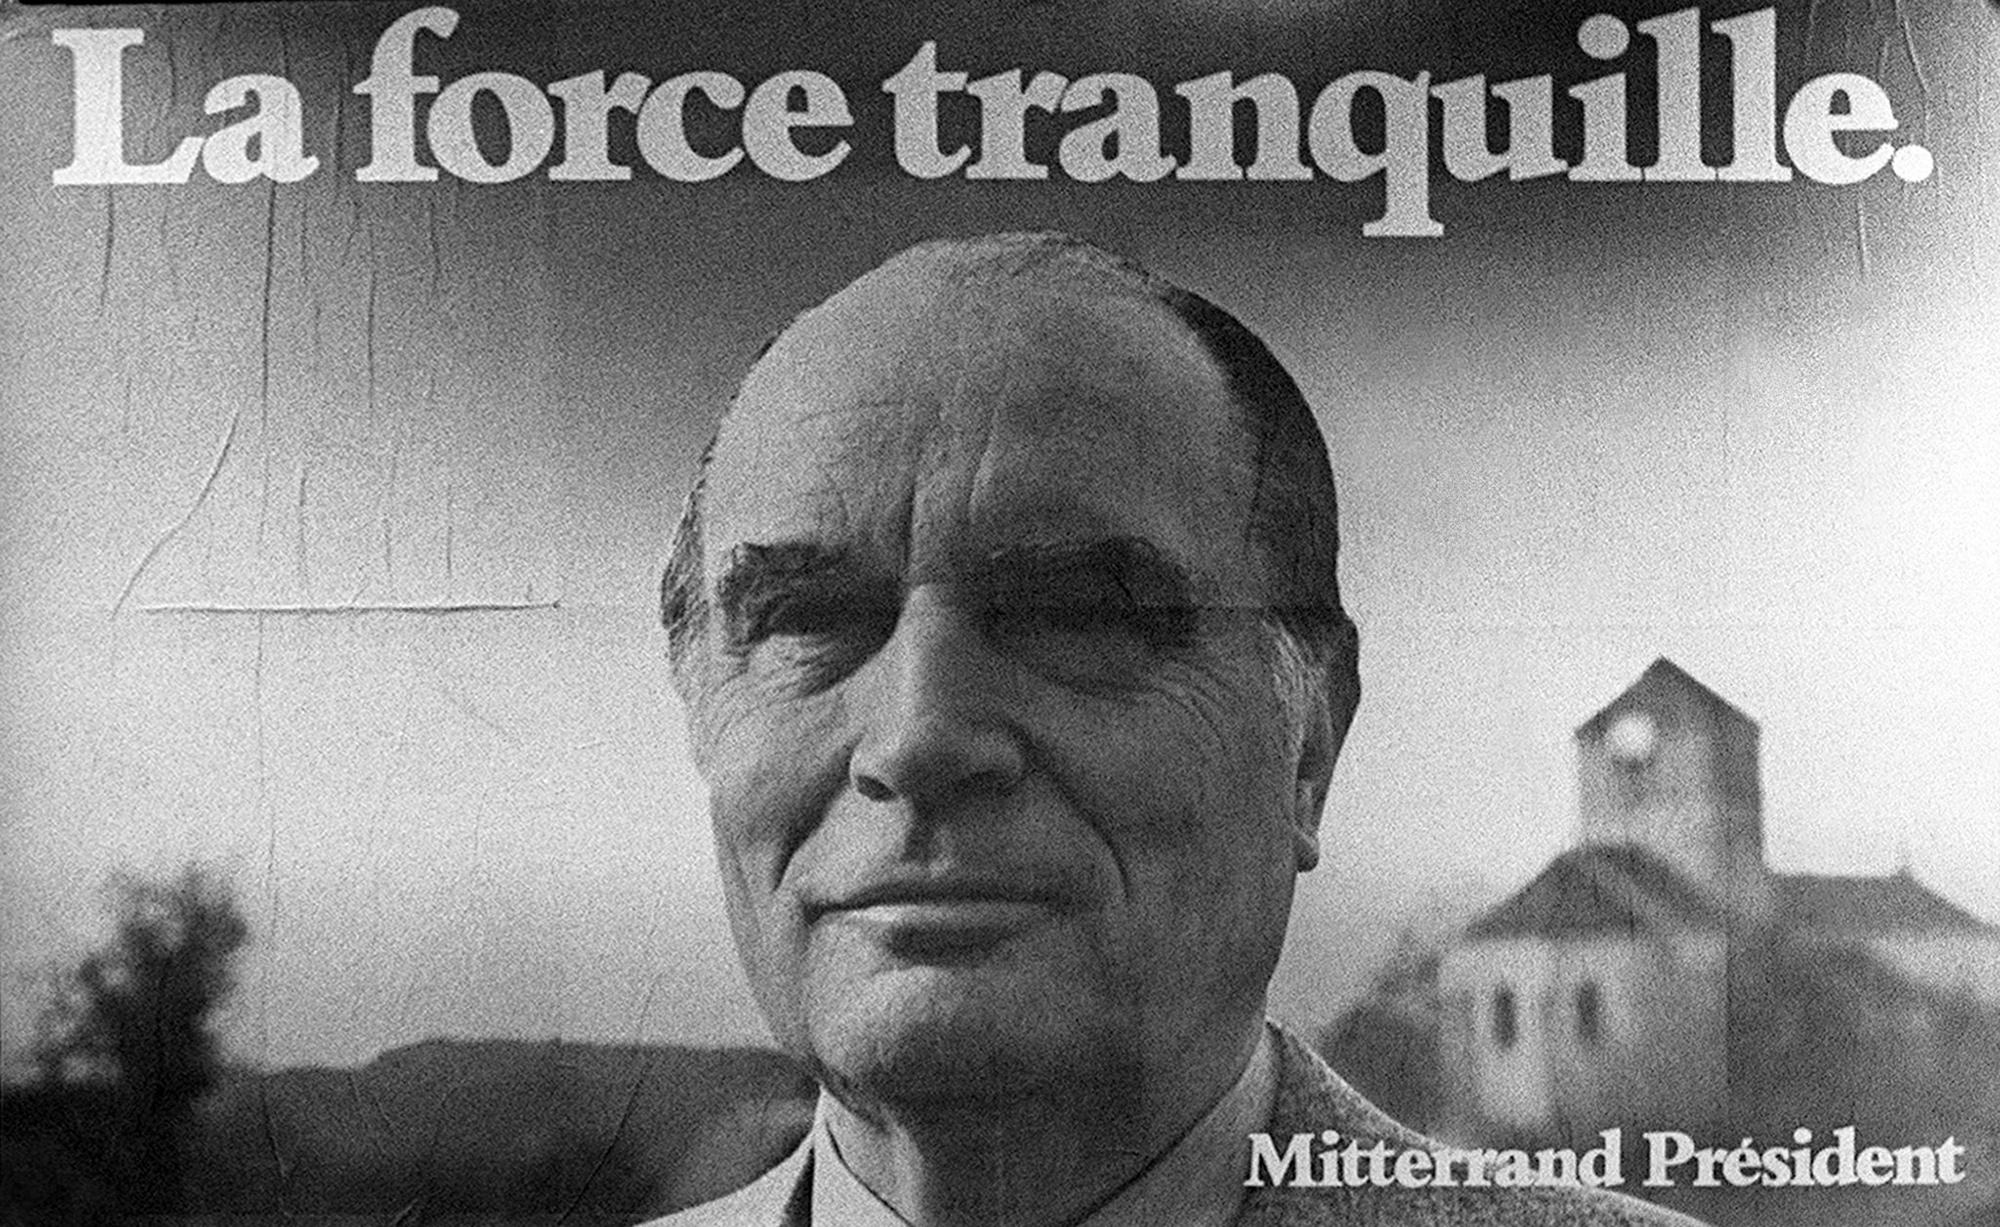 """Photo de l'affiche """"La force tranquille"""" de la campagne du candidat François Mitterrand pour les élections présidentielles prise lors du congrès d'Epinal le 8 mai 1981. (Photo by - / AFP) (Photo credit should read -/AFP via Getty Images)"""